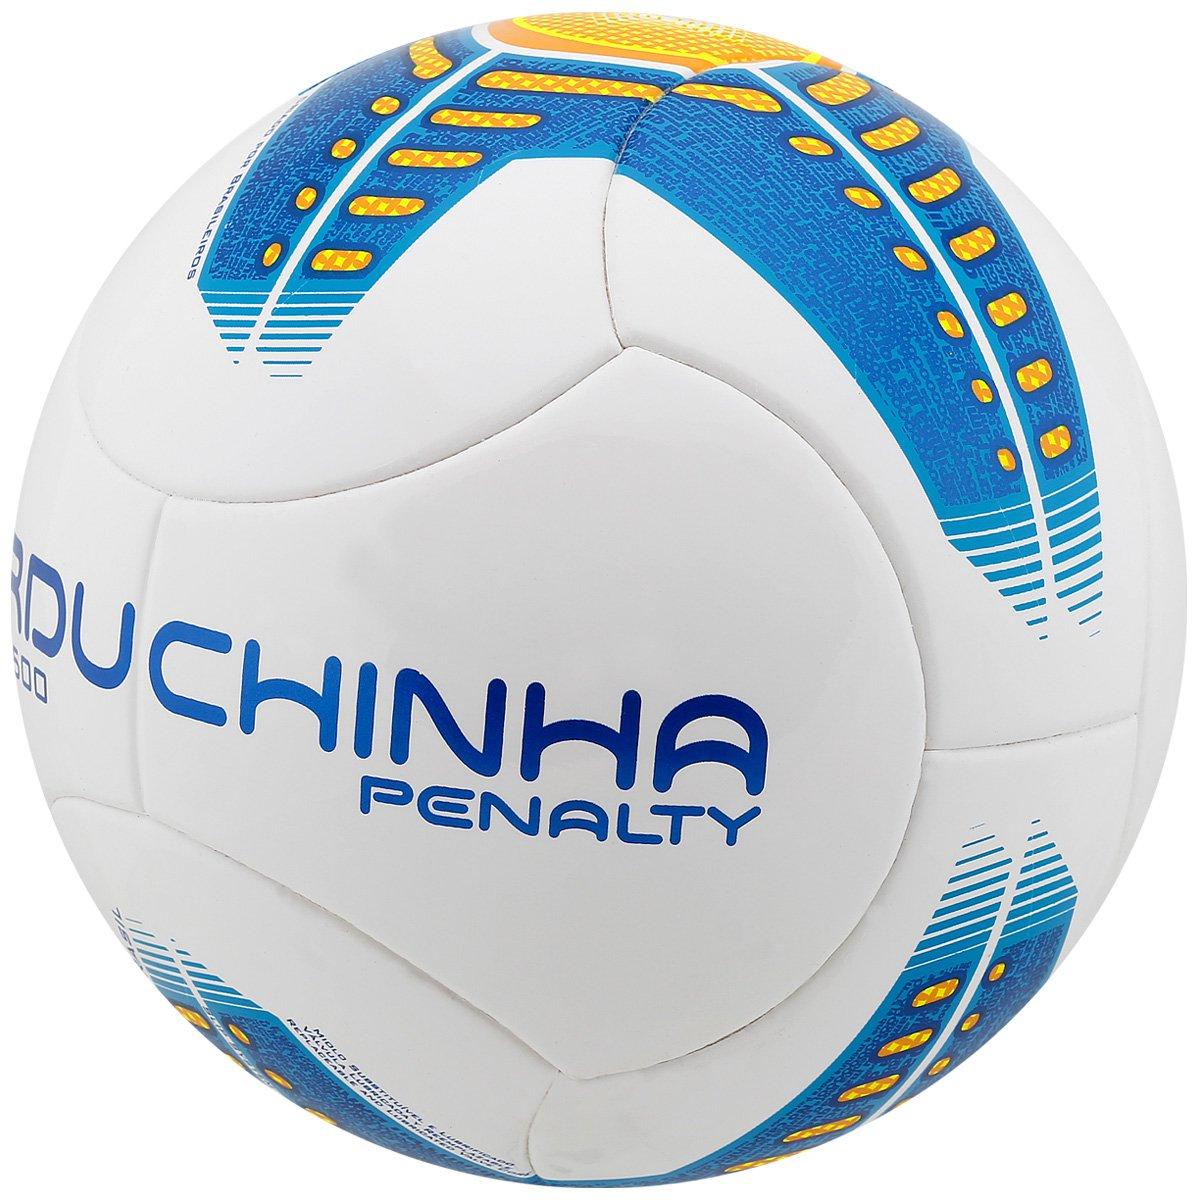 Bola Futebol Penalty Gorduchinha Ultra Fusion 5 Futsal - Compre ... 2faaf024f450d